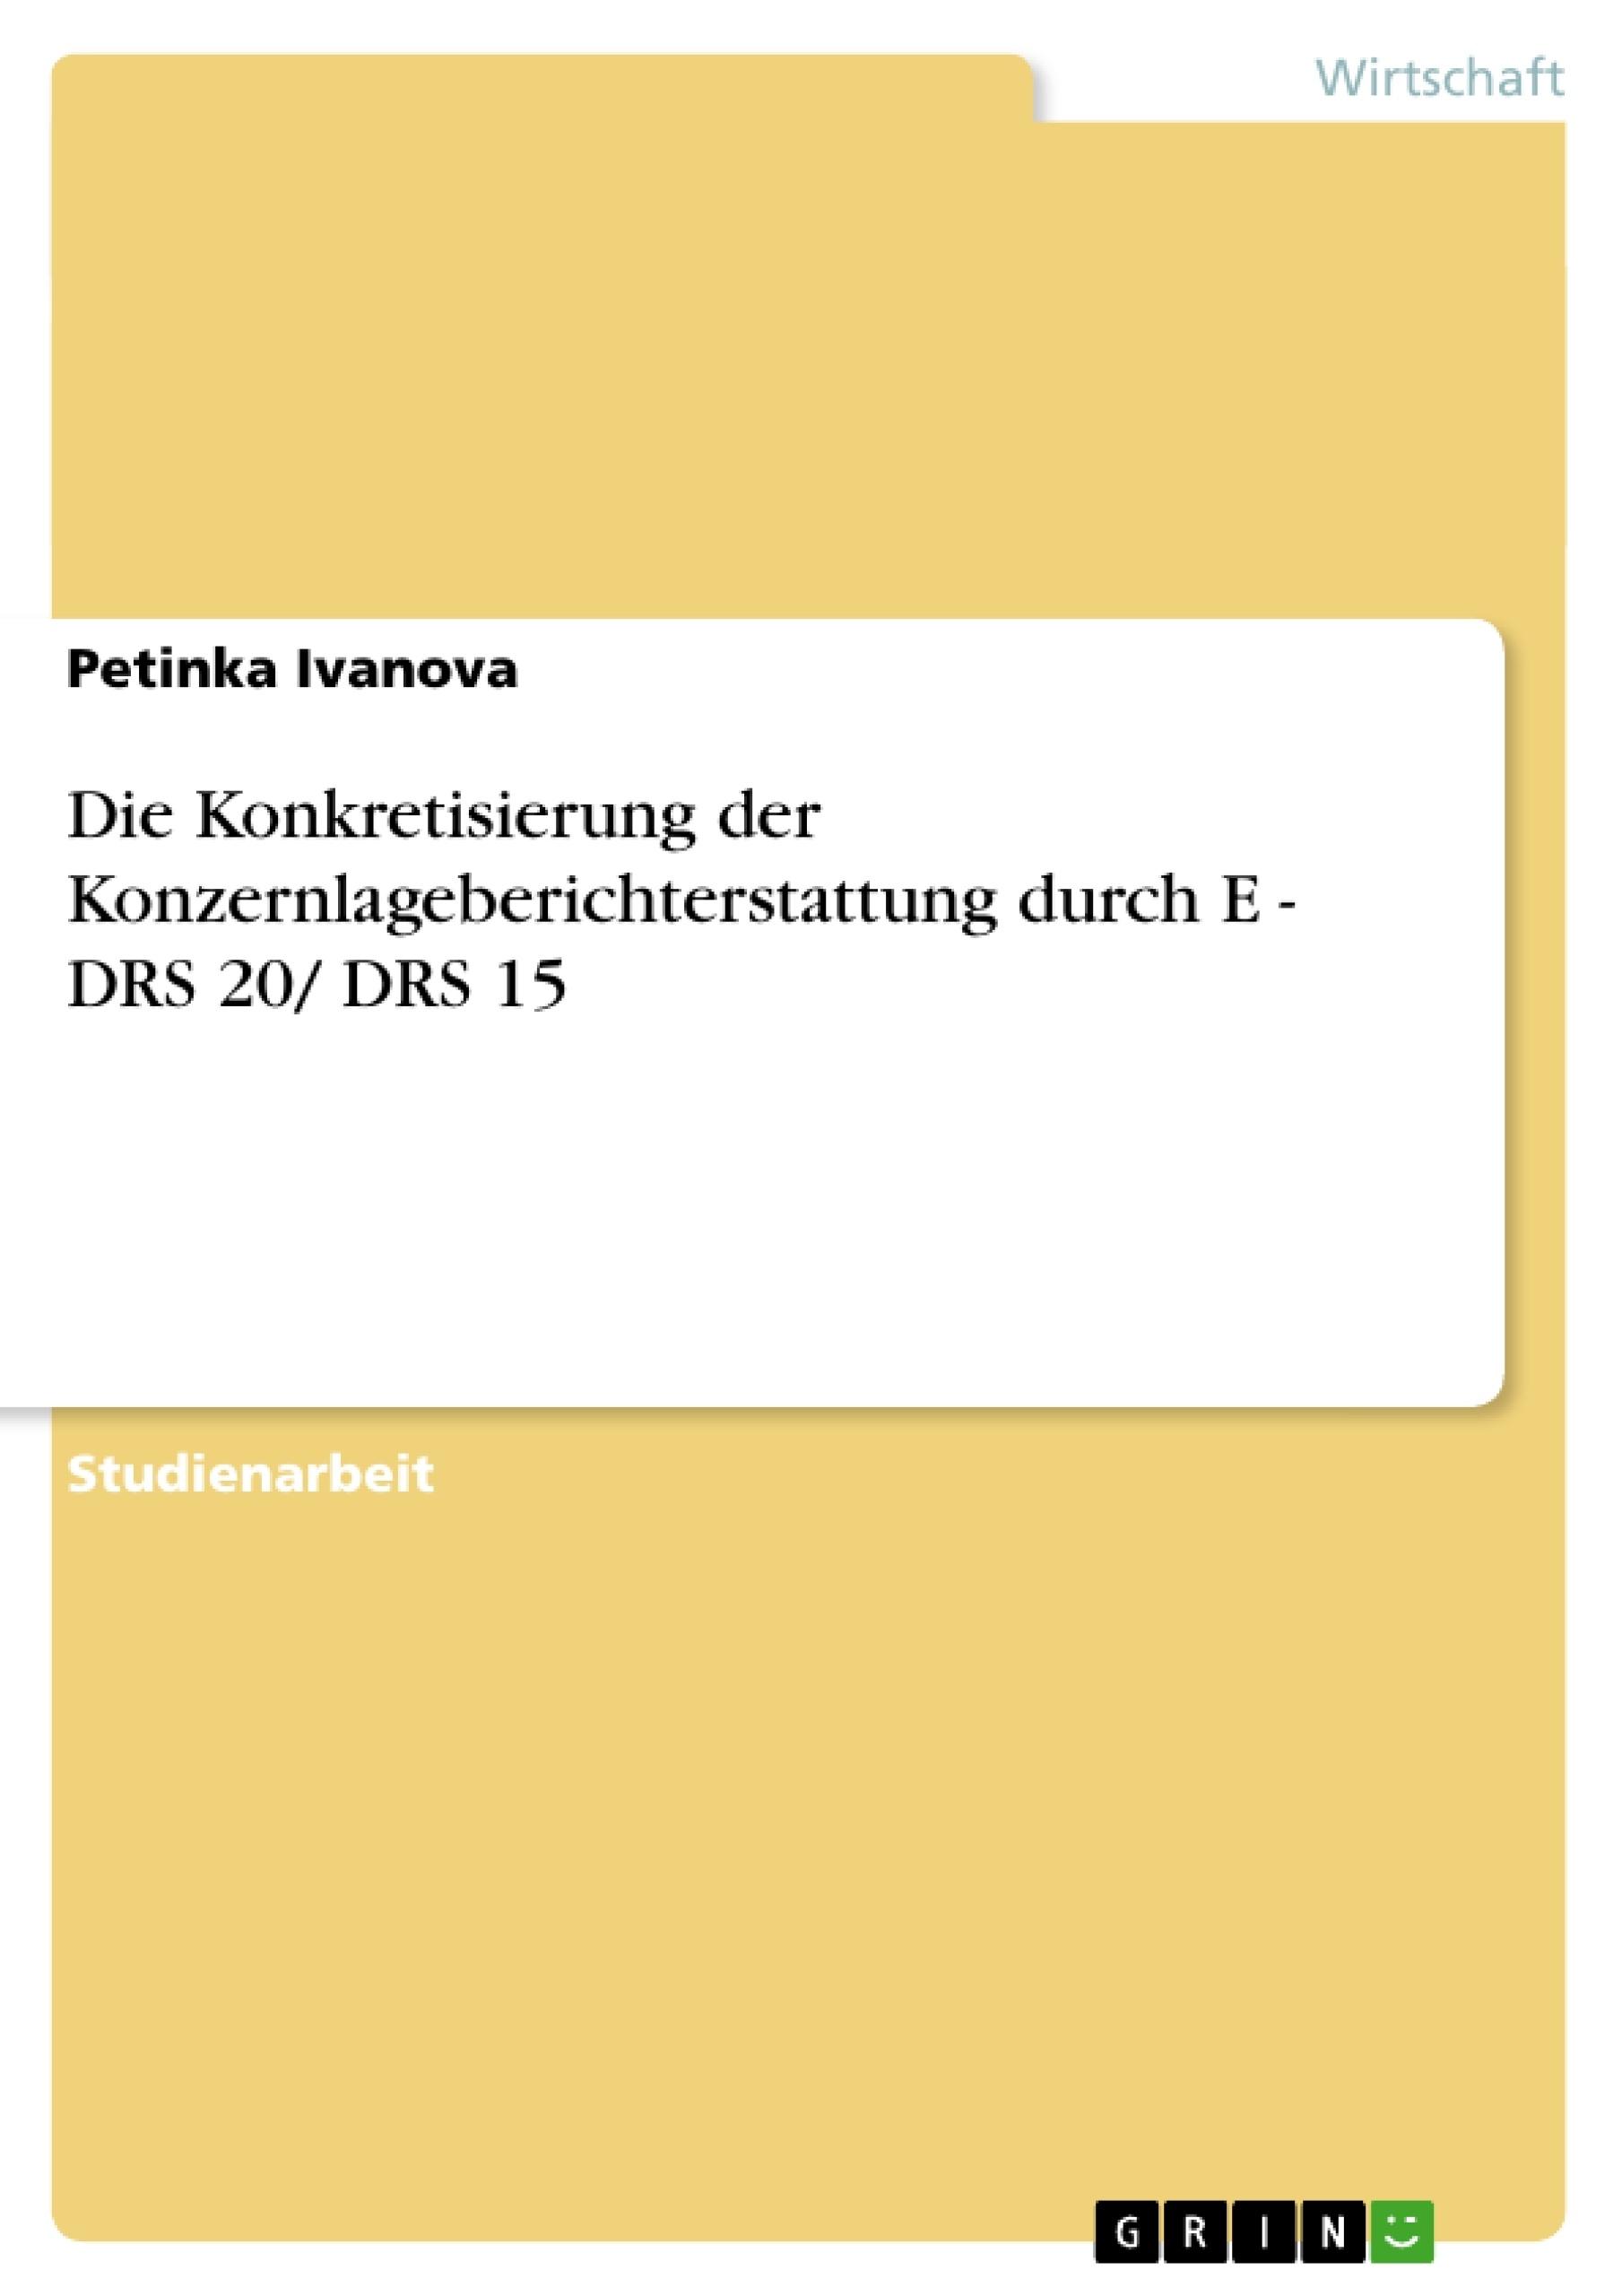 Titel: Die Konkretisierung der Konzernlageberichterstattung durch E - DRS 20/ DRS 15